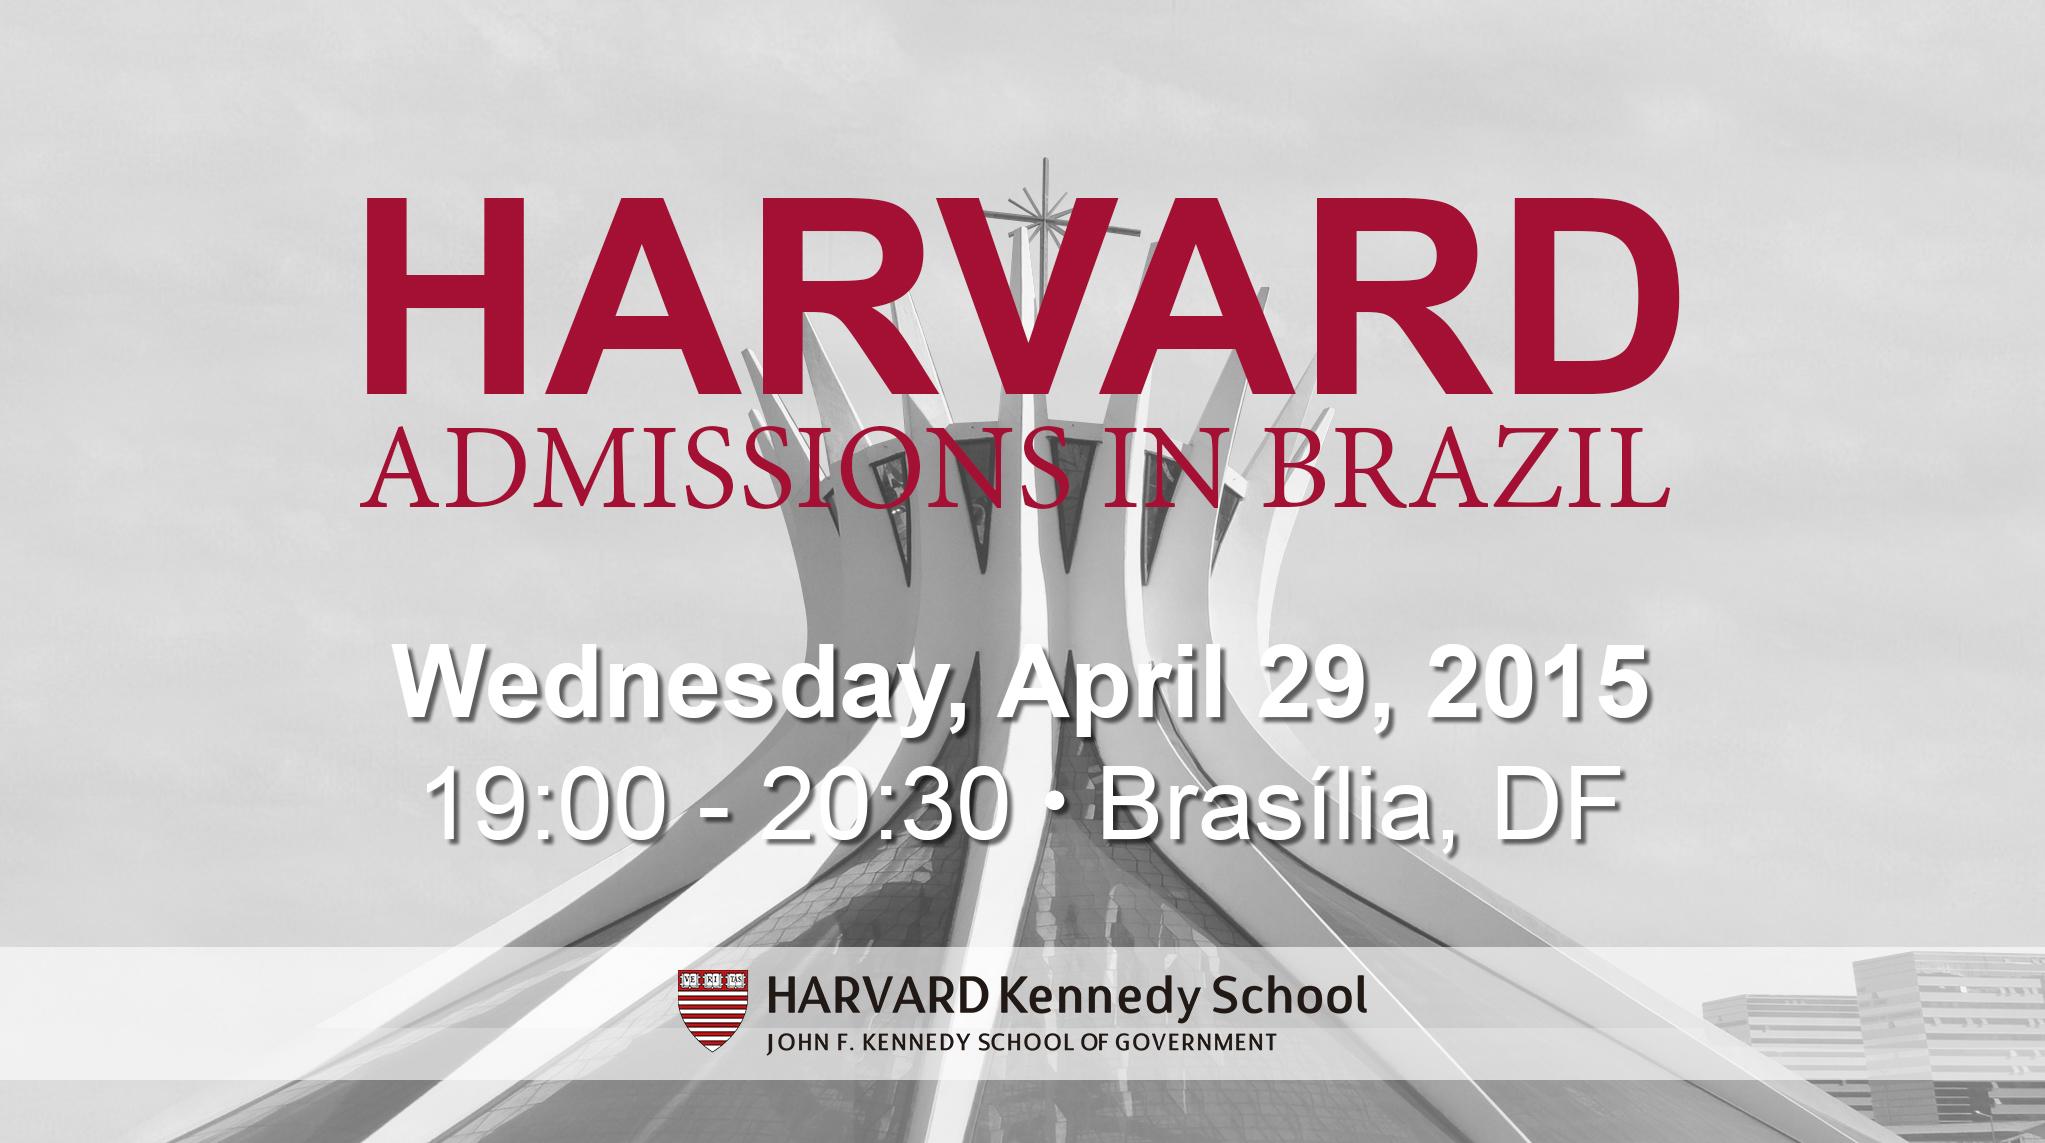 Imagem: Harvard